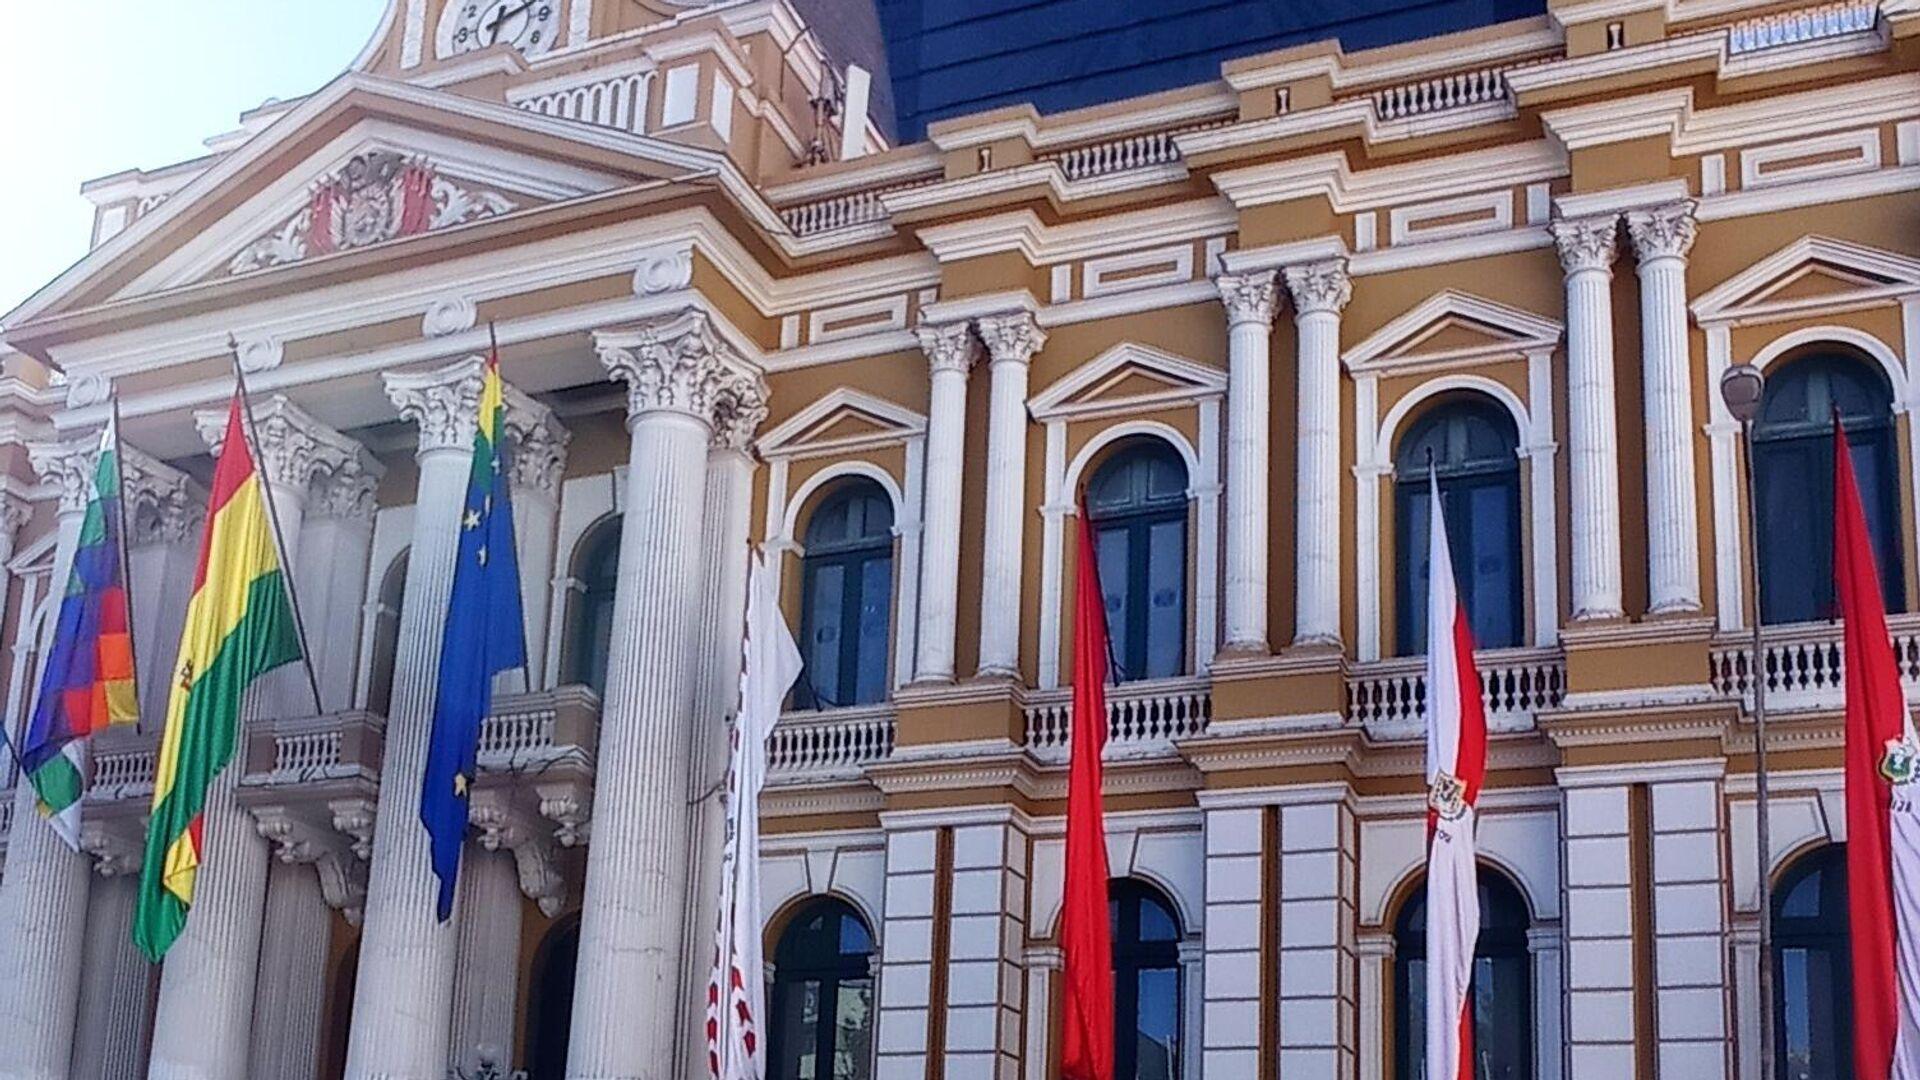 Vista de la sede del Gobierno de Bolivia y, en el fondo, el nuevo edificio de la Asamblea Legislativa - Sputnik Mundo, 1920, 26.08.2021